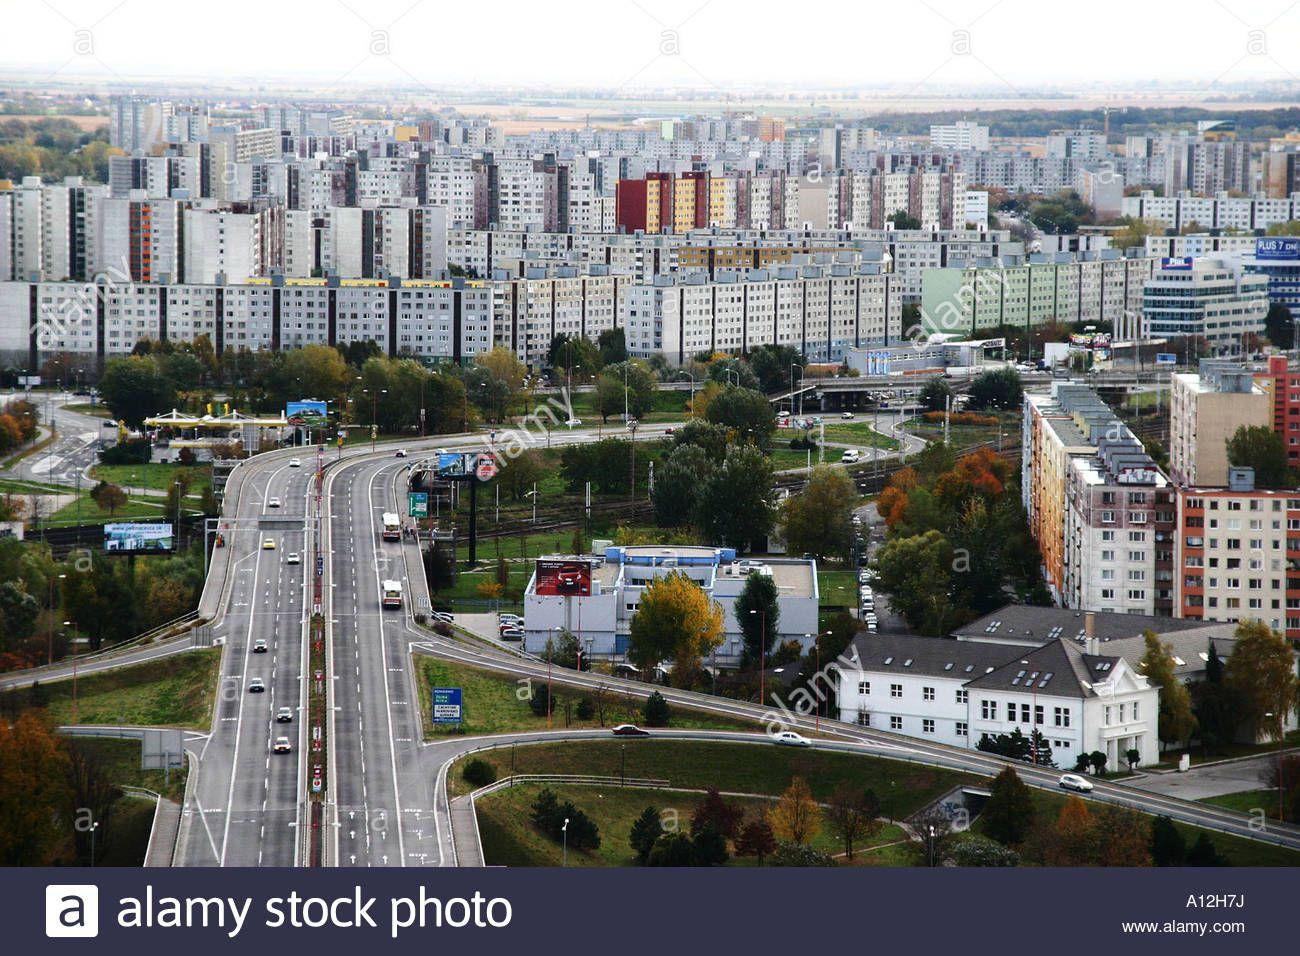 dense-communist-era-residential-tower-blocks-in-bratislava-slovak-A12H7J